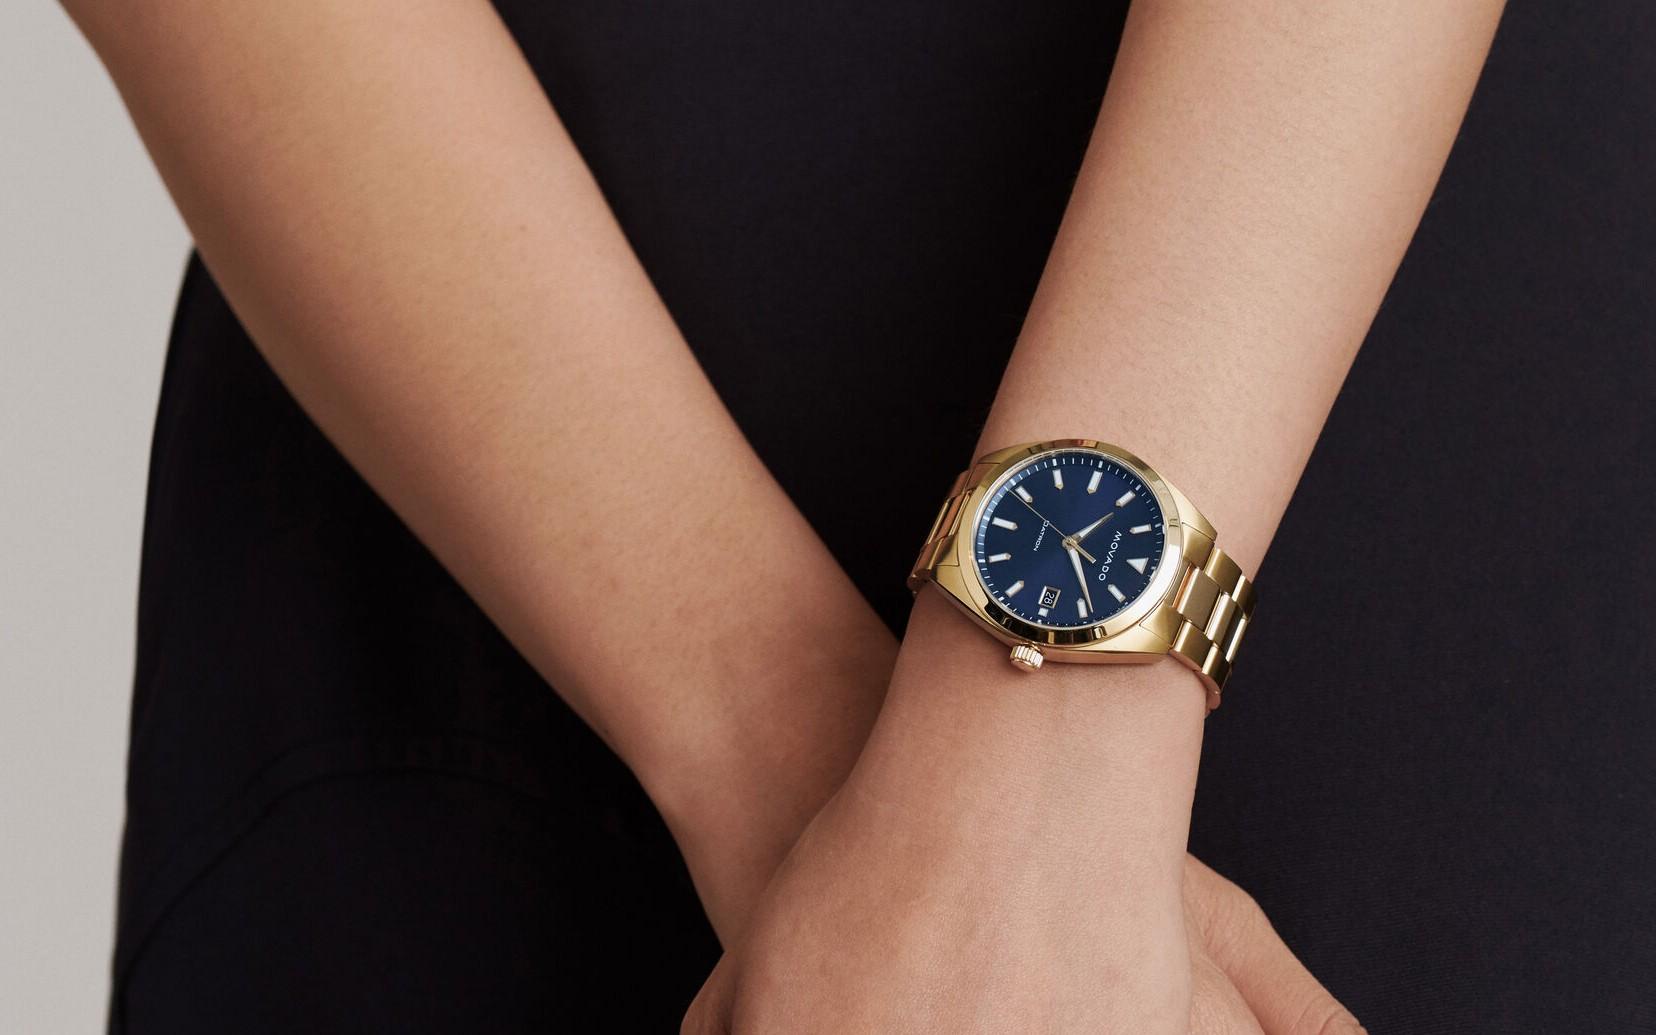 Đồng hồ nữ Movado Heritage máy pin đang giảm giá rất tốt tại Mỹ